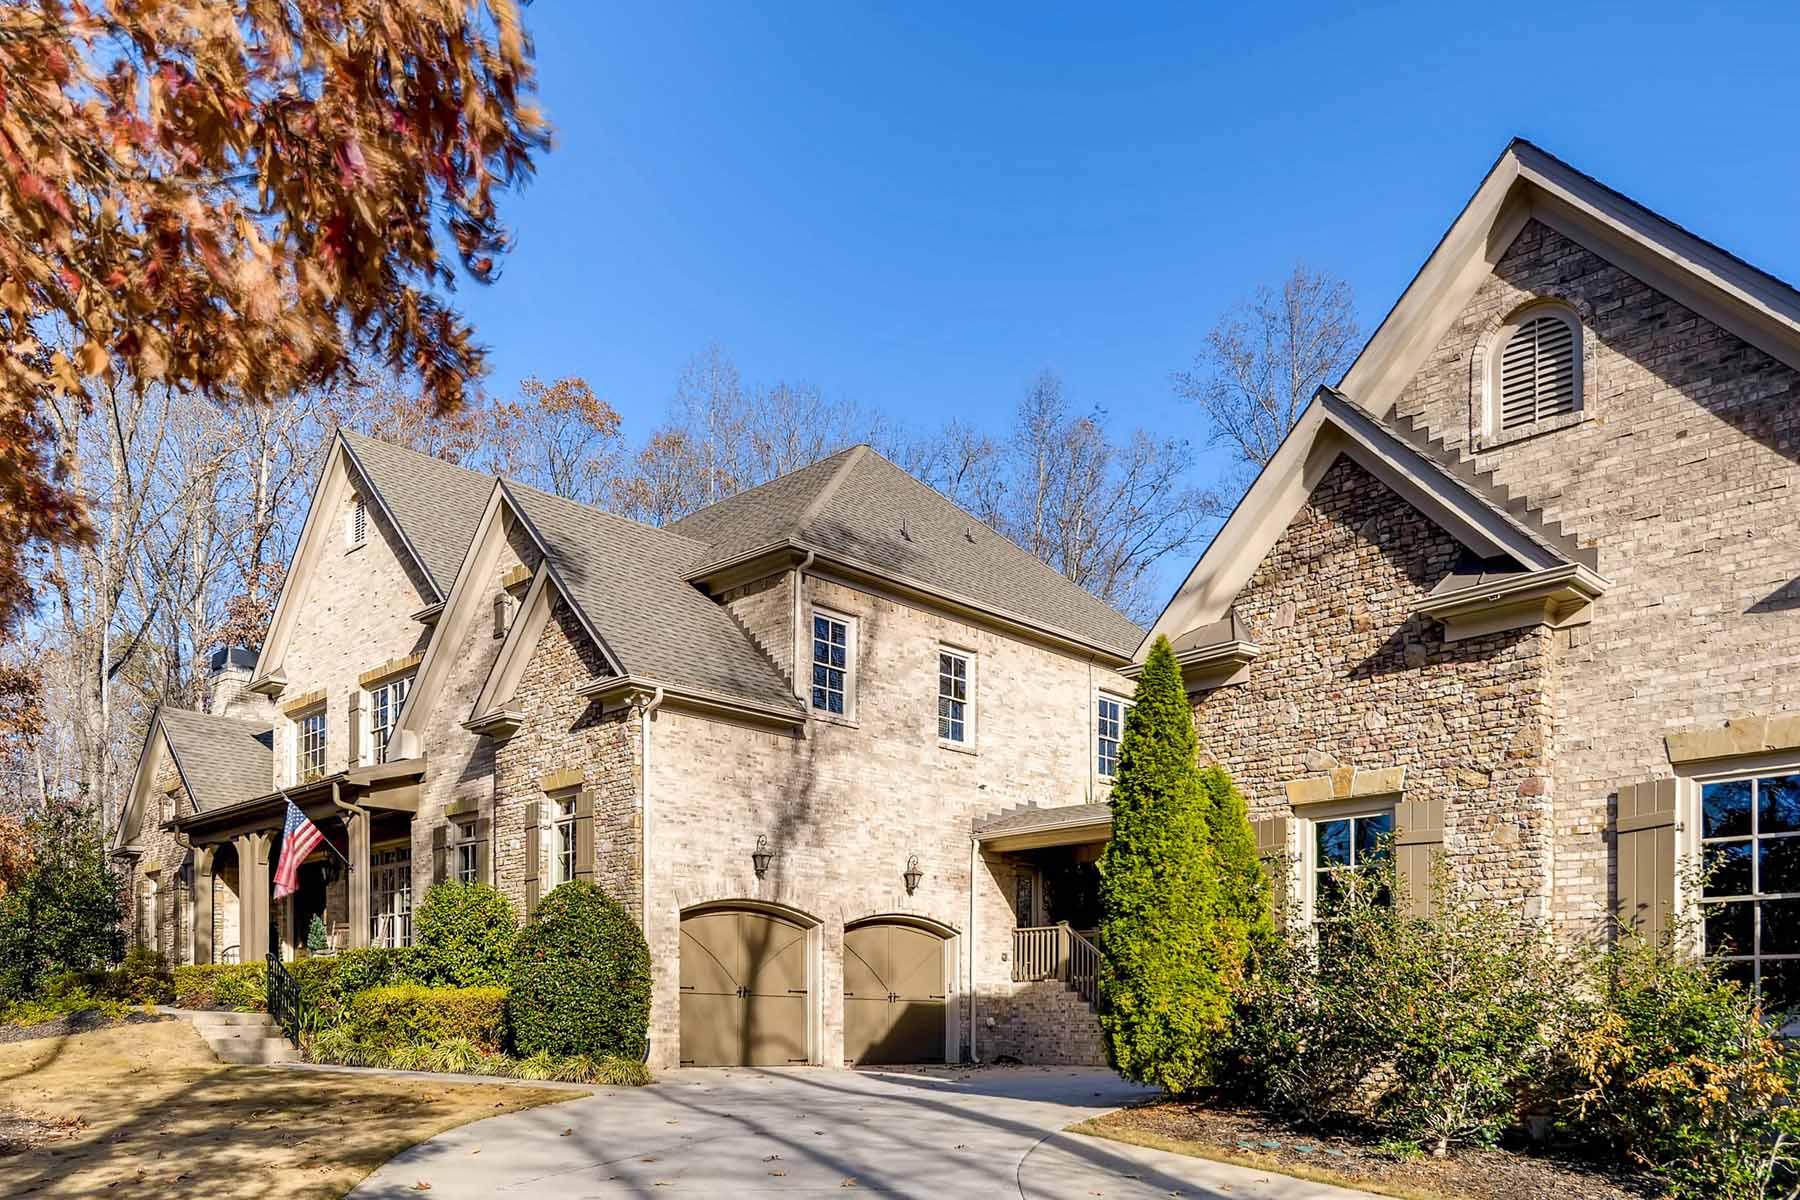 Maison unifamiliale pour l Vente à Stone and Brick Home With Open Plan 1255 Cashiers Way Roswell, Georgia, 30075 États-Unis